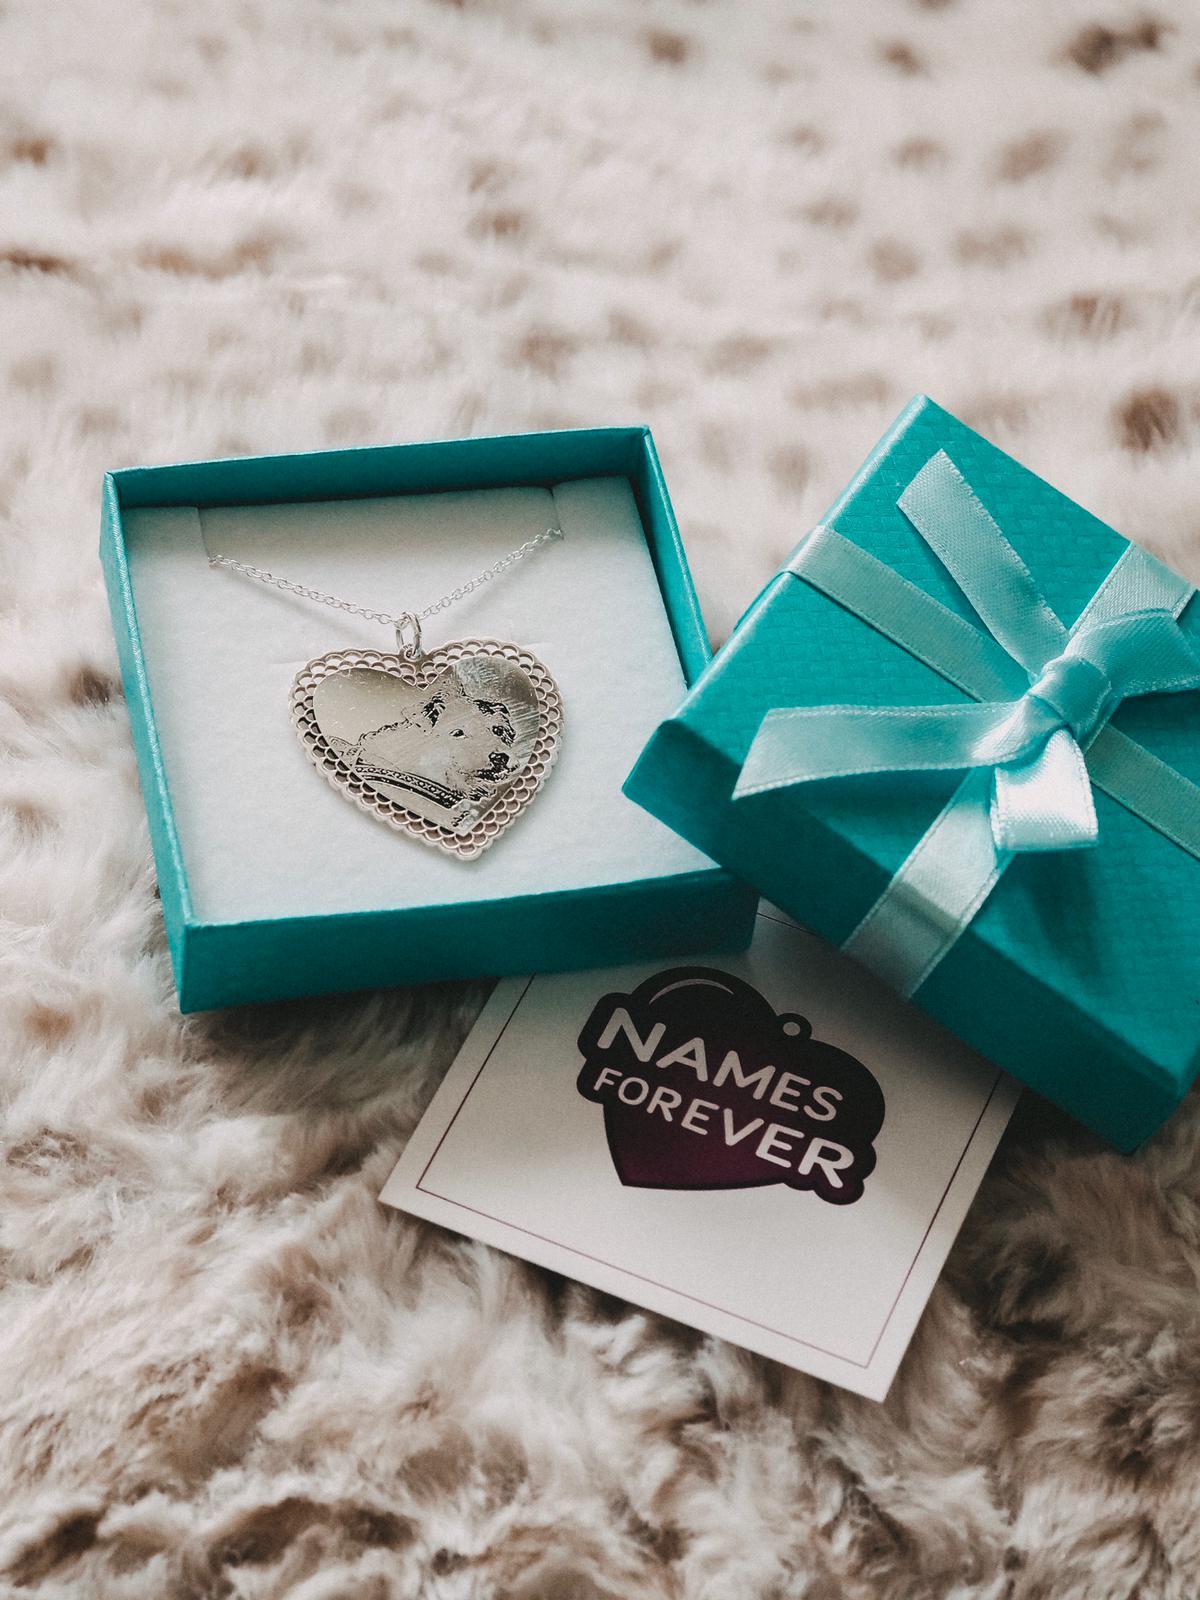 Mit dem hochwertigen Gravur Schmuck von Namesforever könnt ihr allen euren Lieben ein eindrucksvolles und individuelles Geschenk mit Unikatcharakter machen.